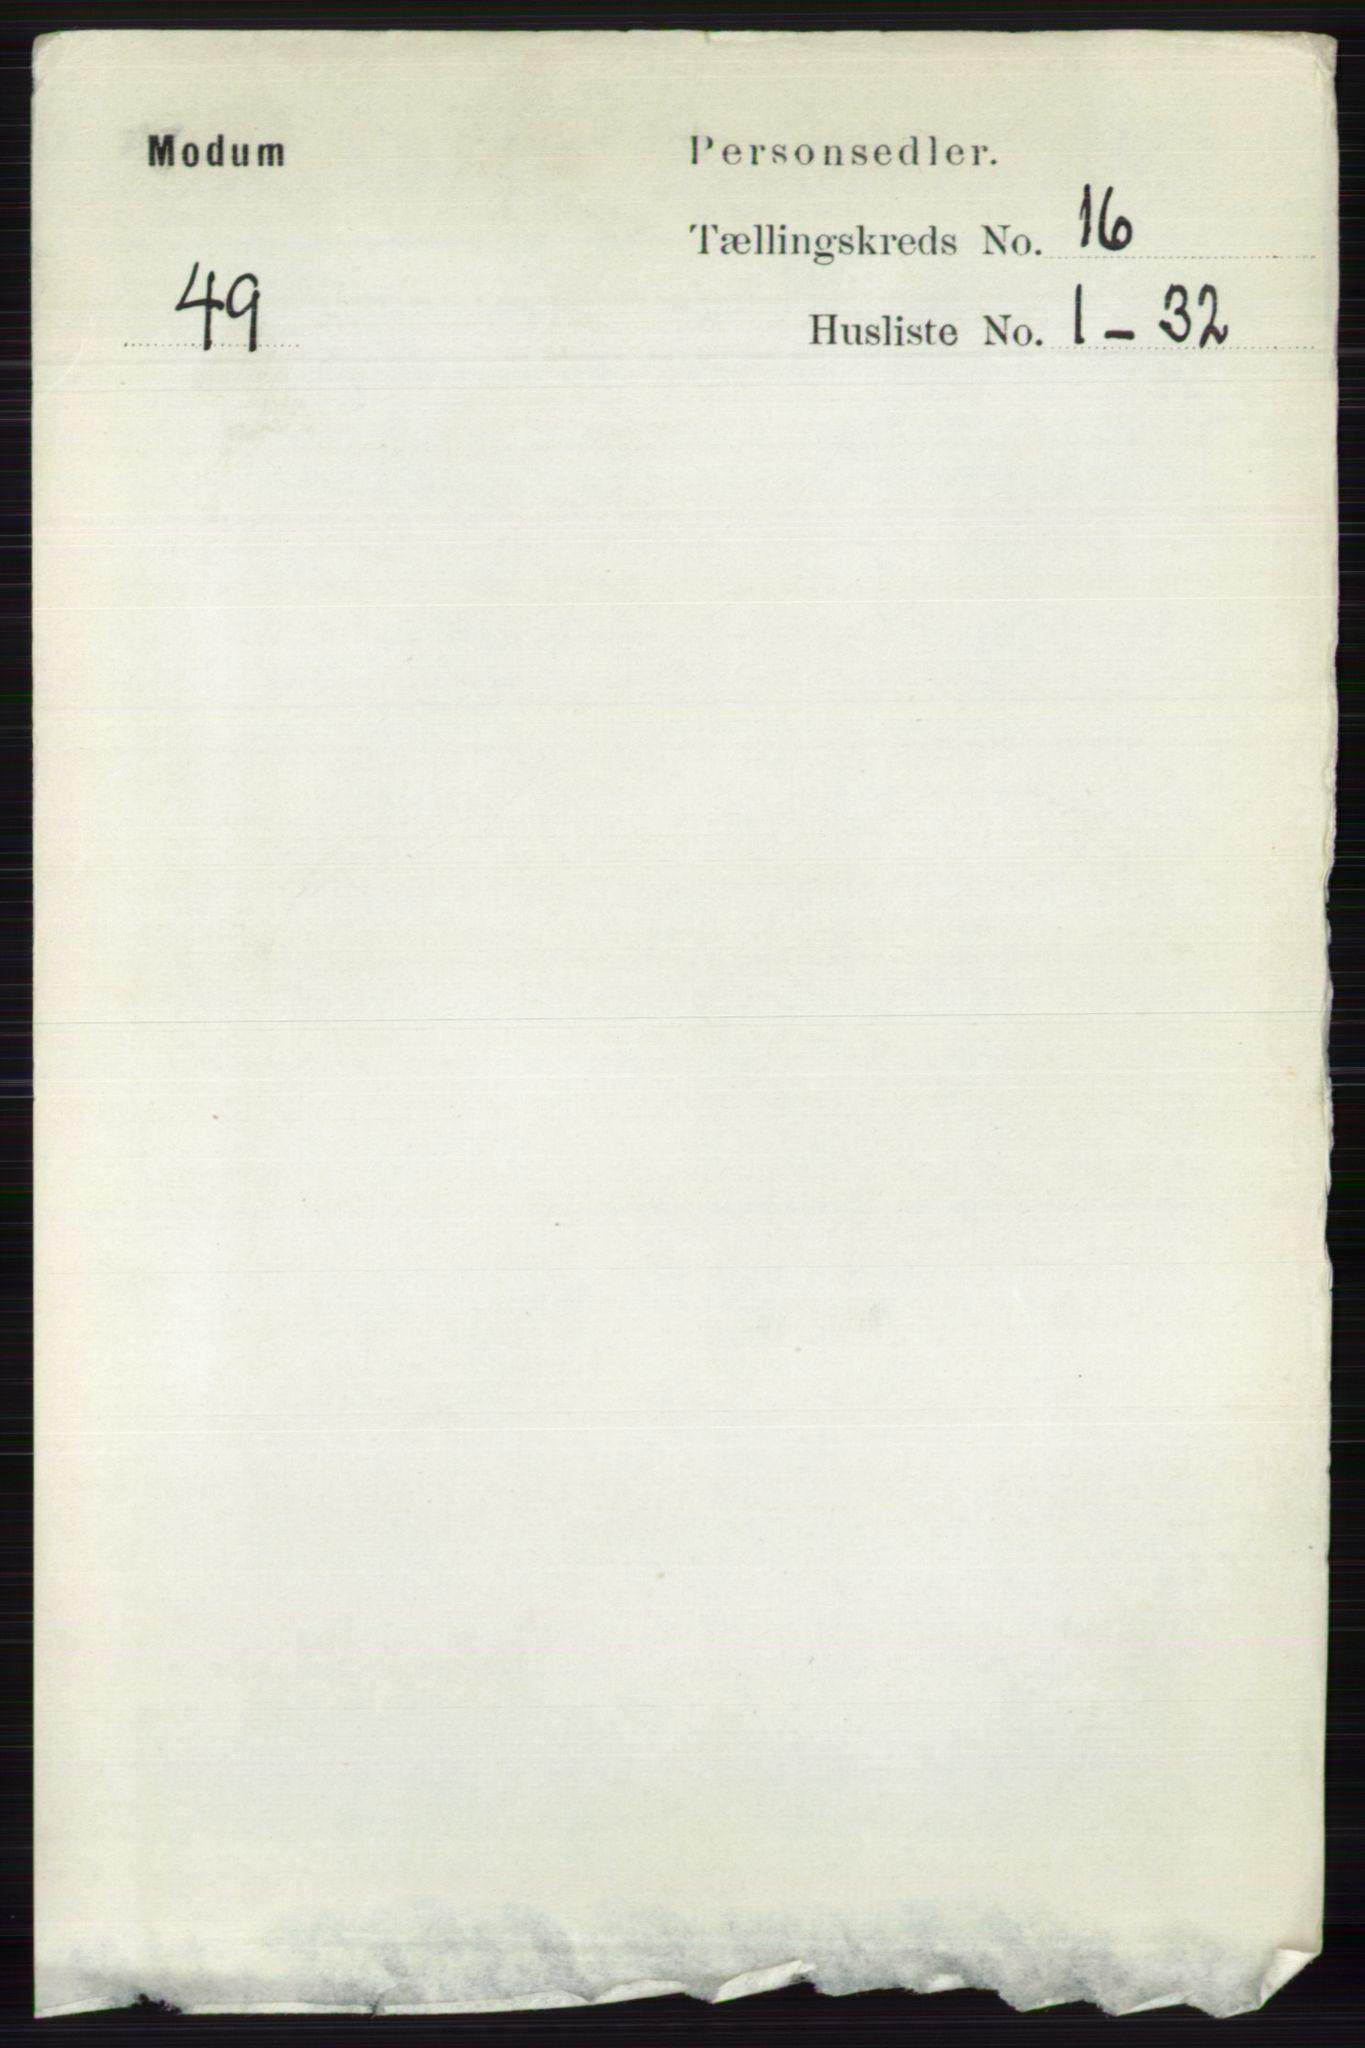 RA, Folketelling 1891 for 0623 Modum herred, 1891, s. 6185